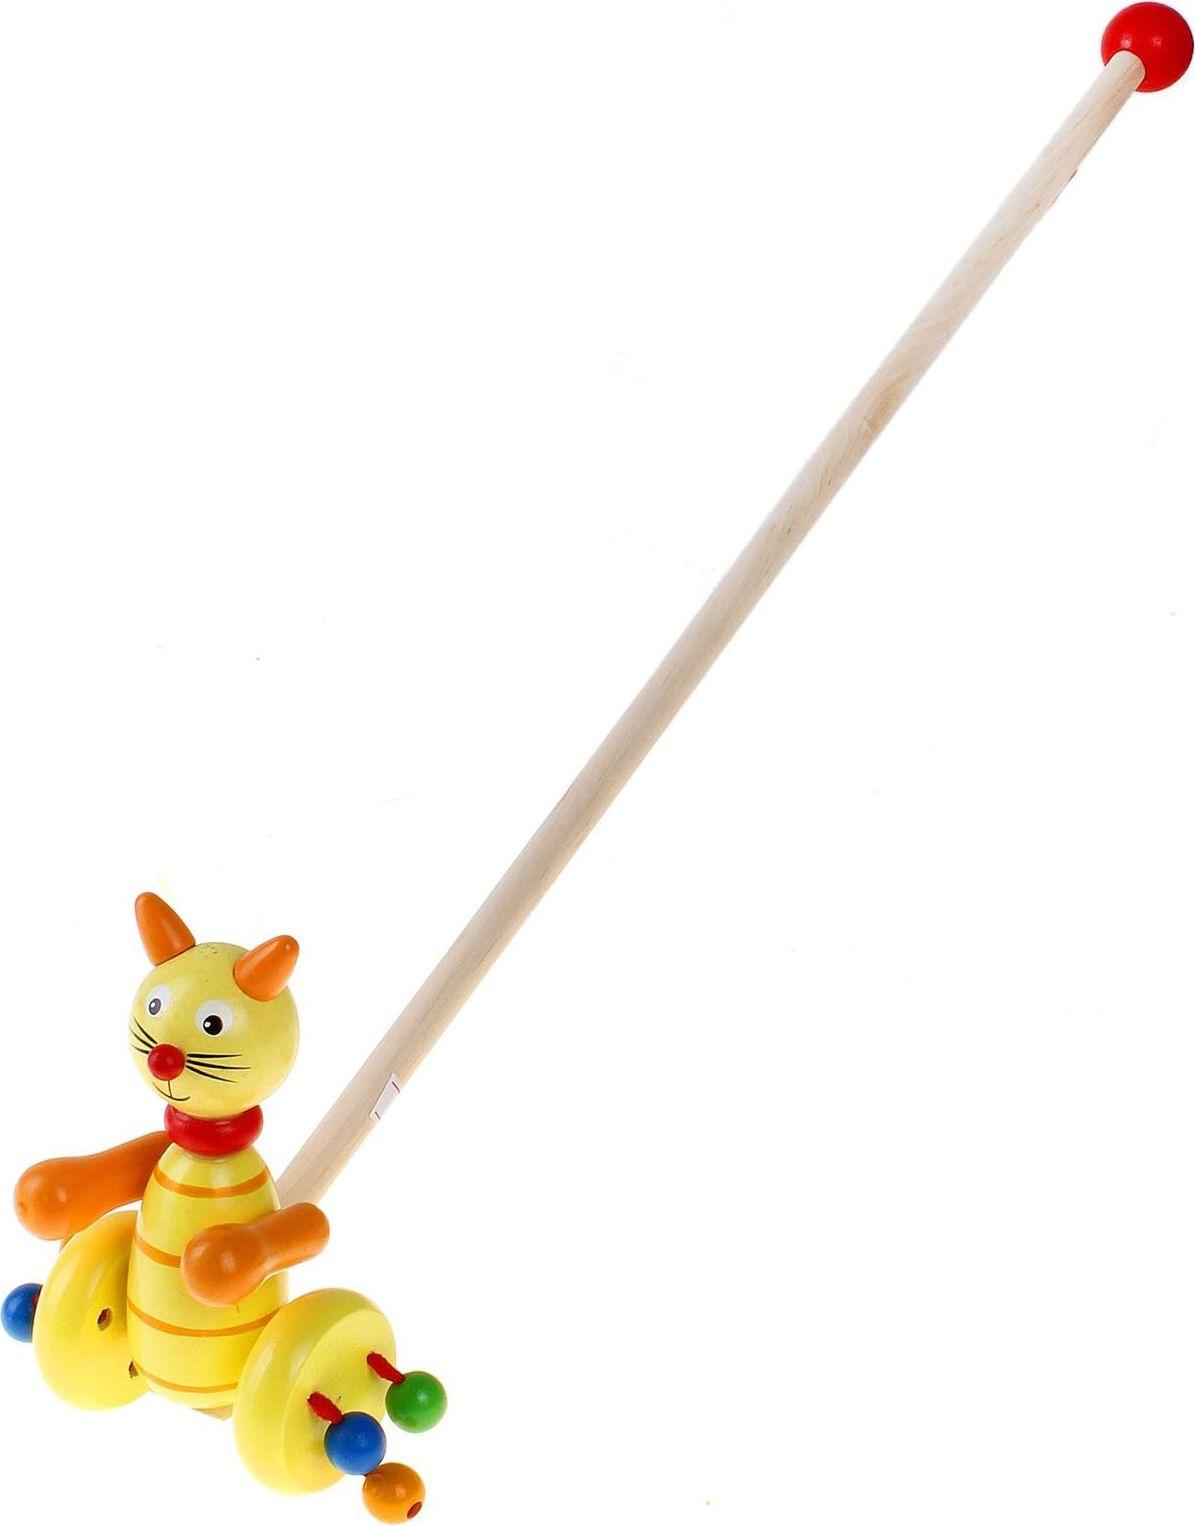 Sima-land Игрушка-каталка Кошка 273460 каталки игрушки mertens каталка обезьянка